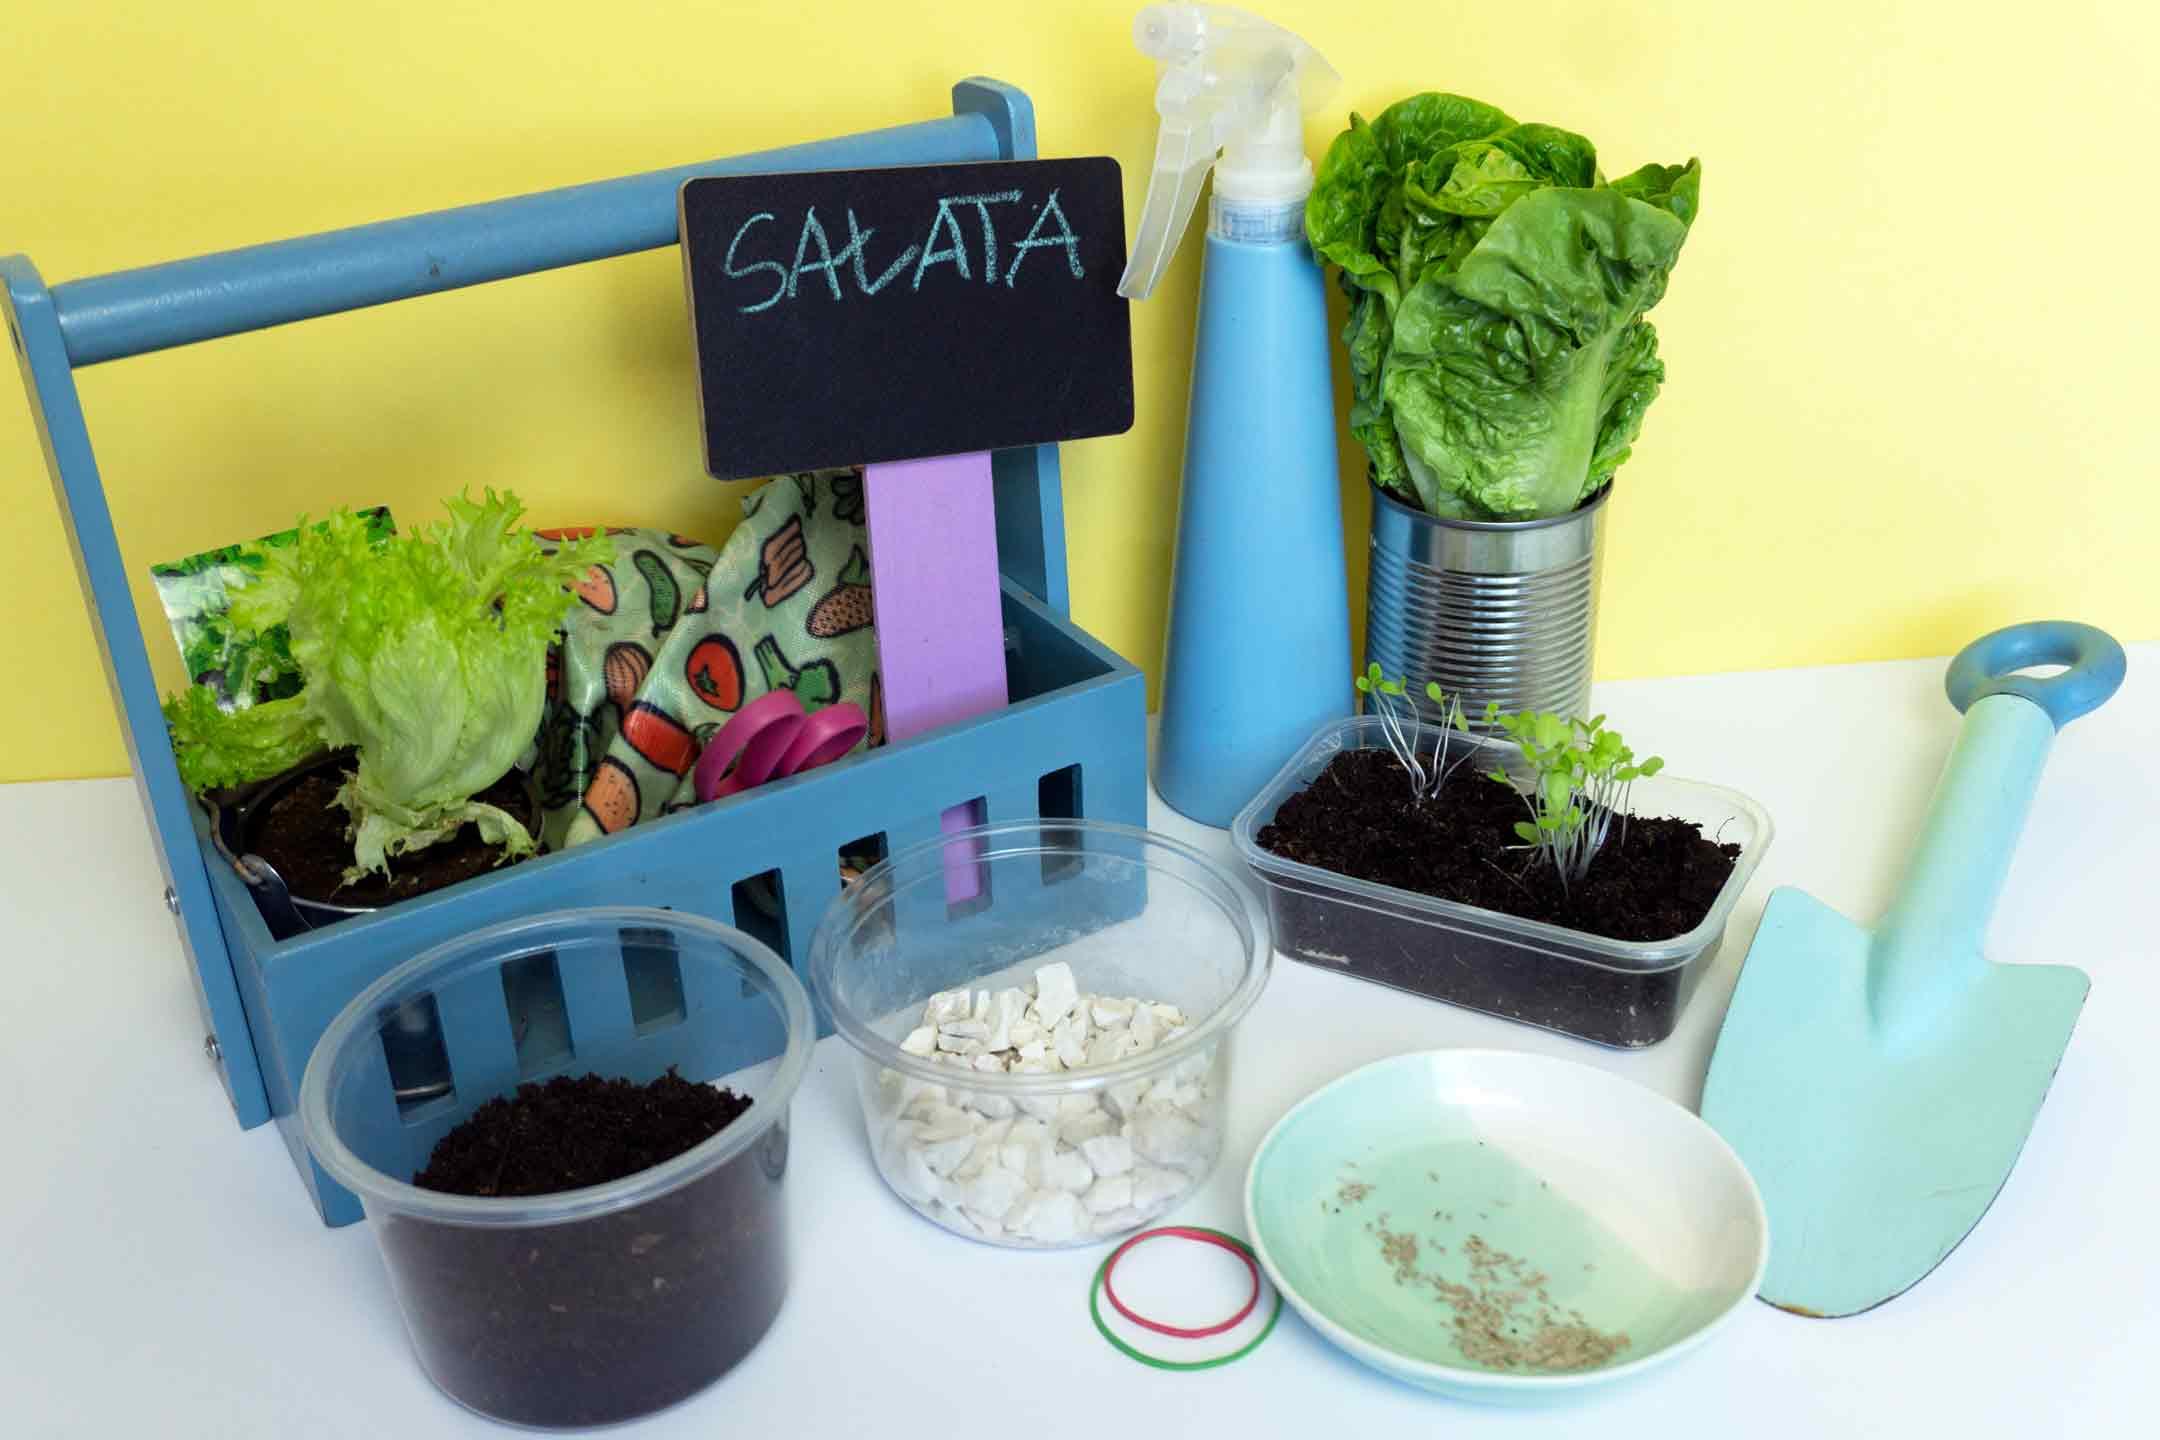 jak wyhodować sałatę w domu